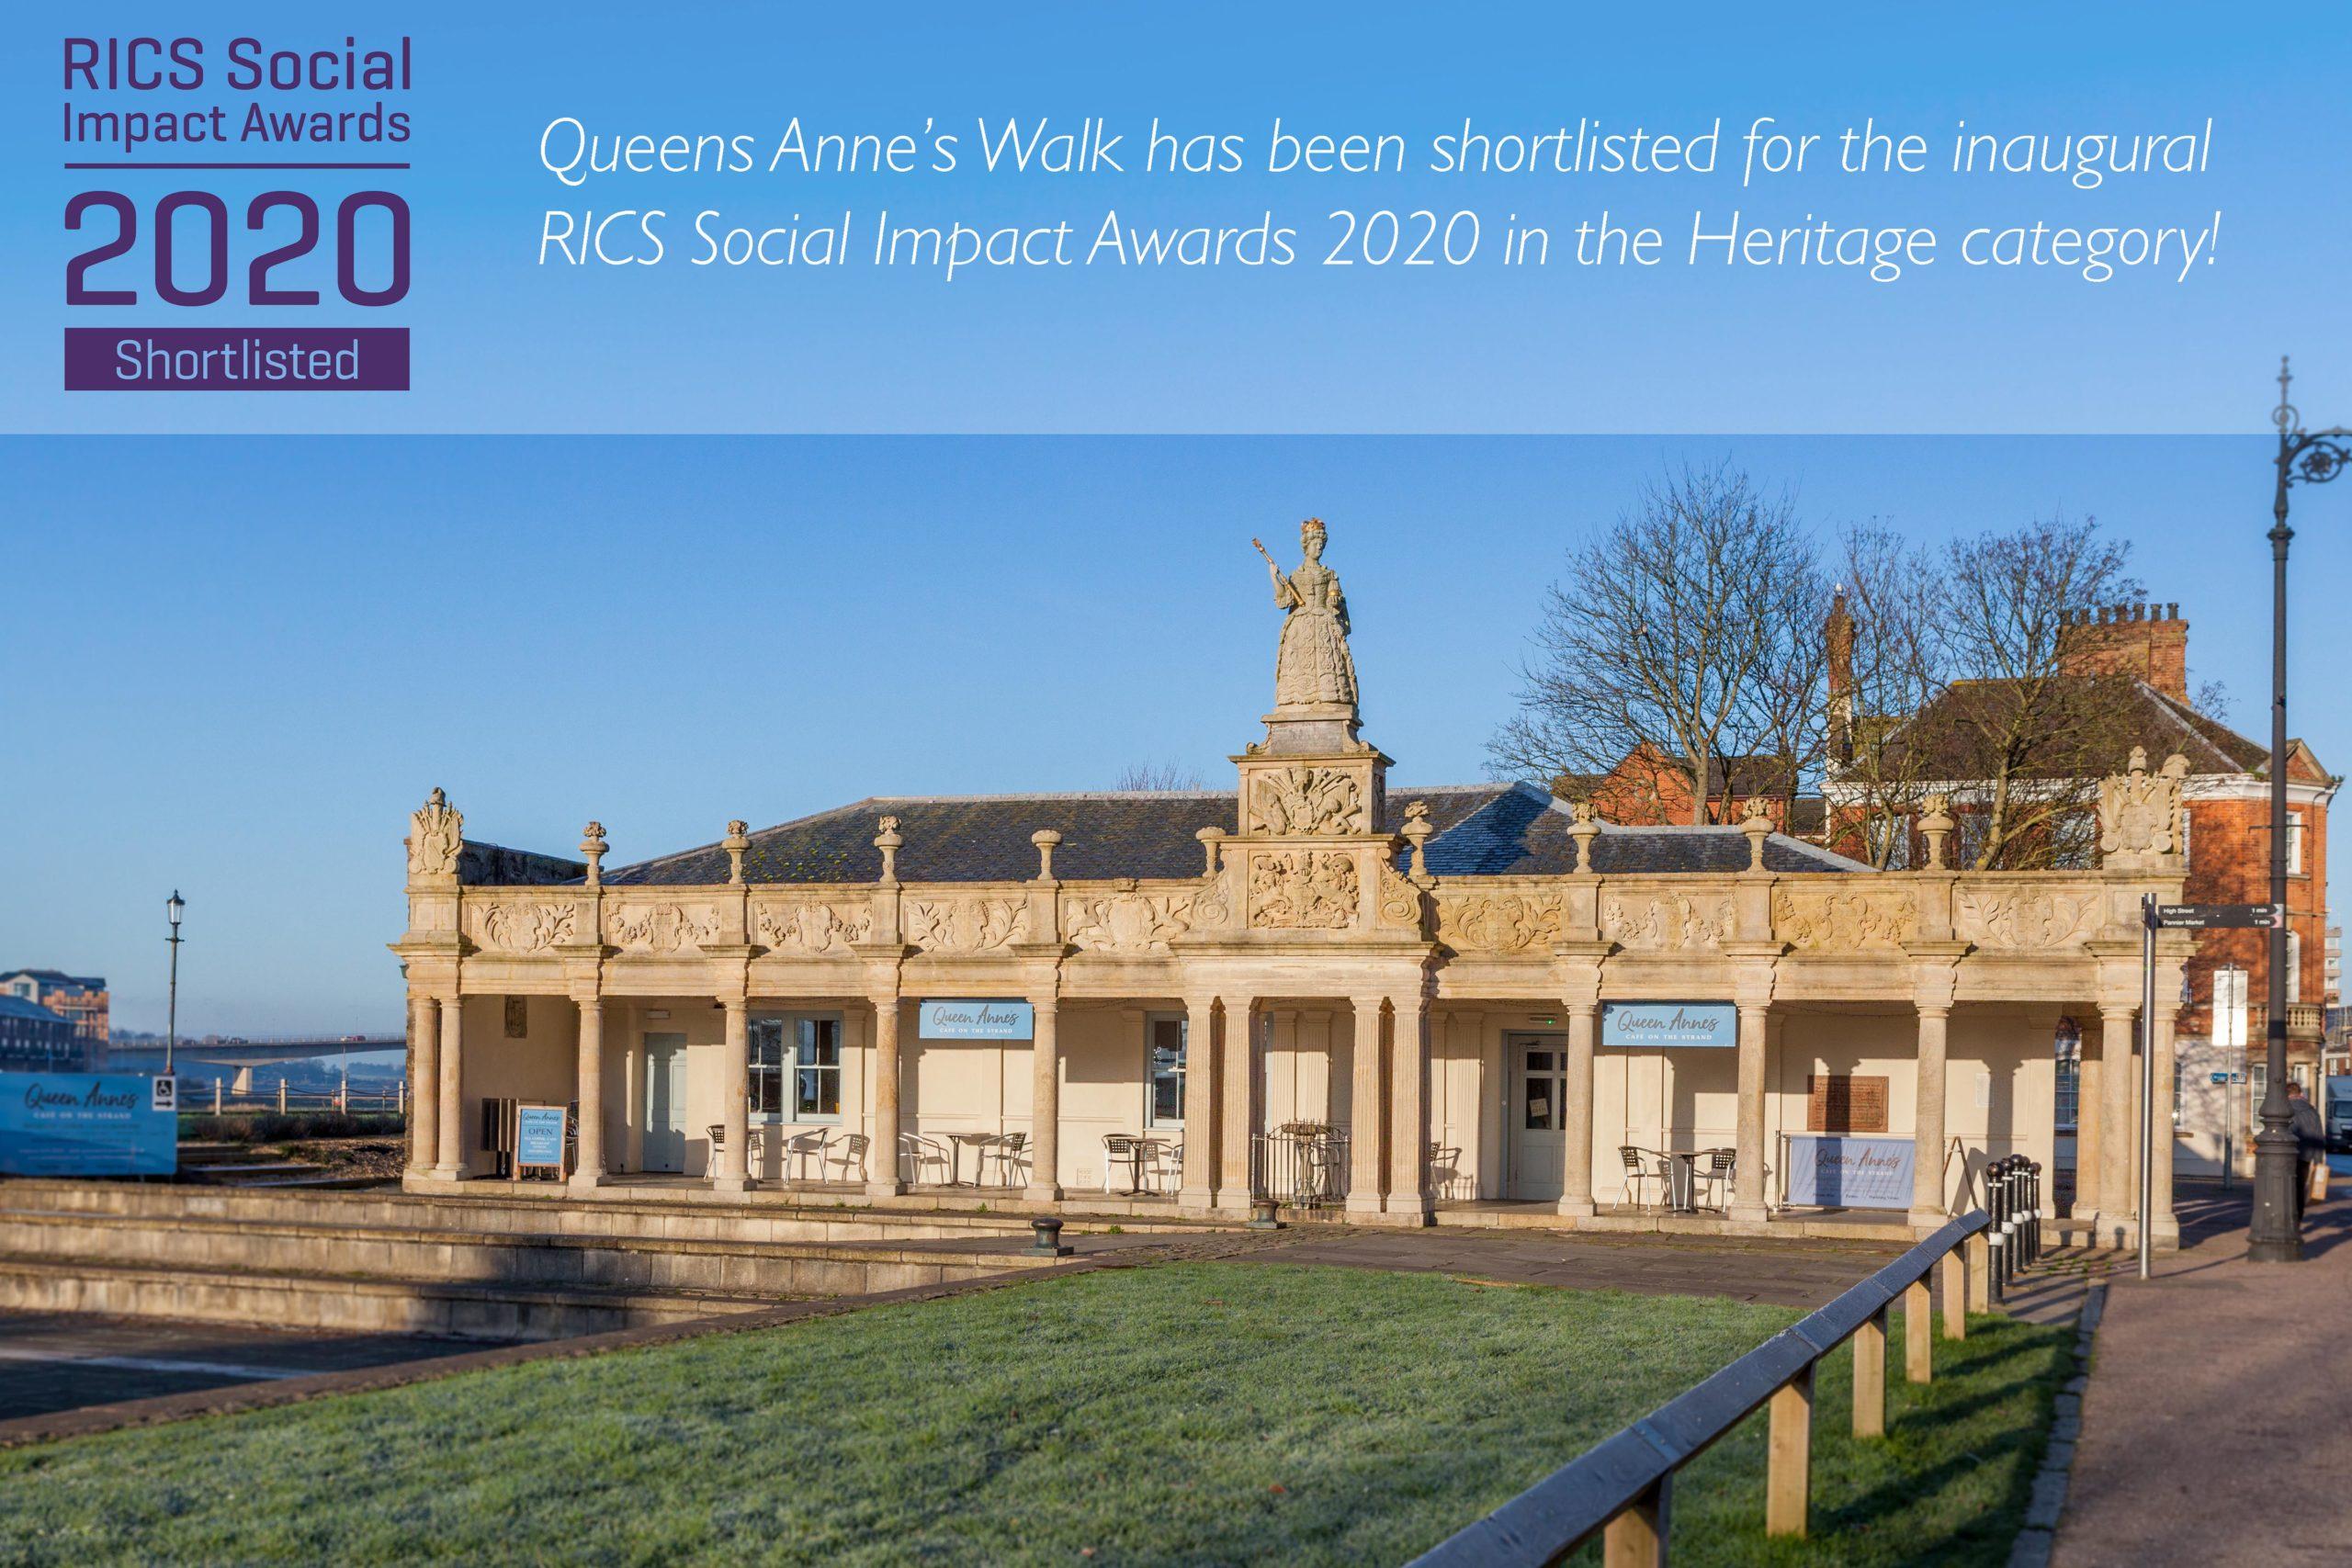 Queen Anne's Walk